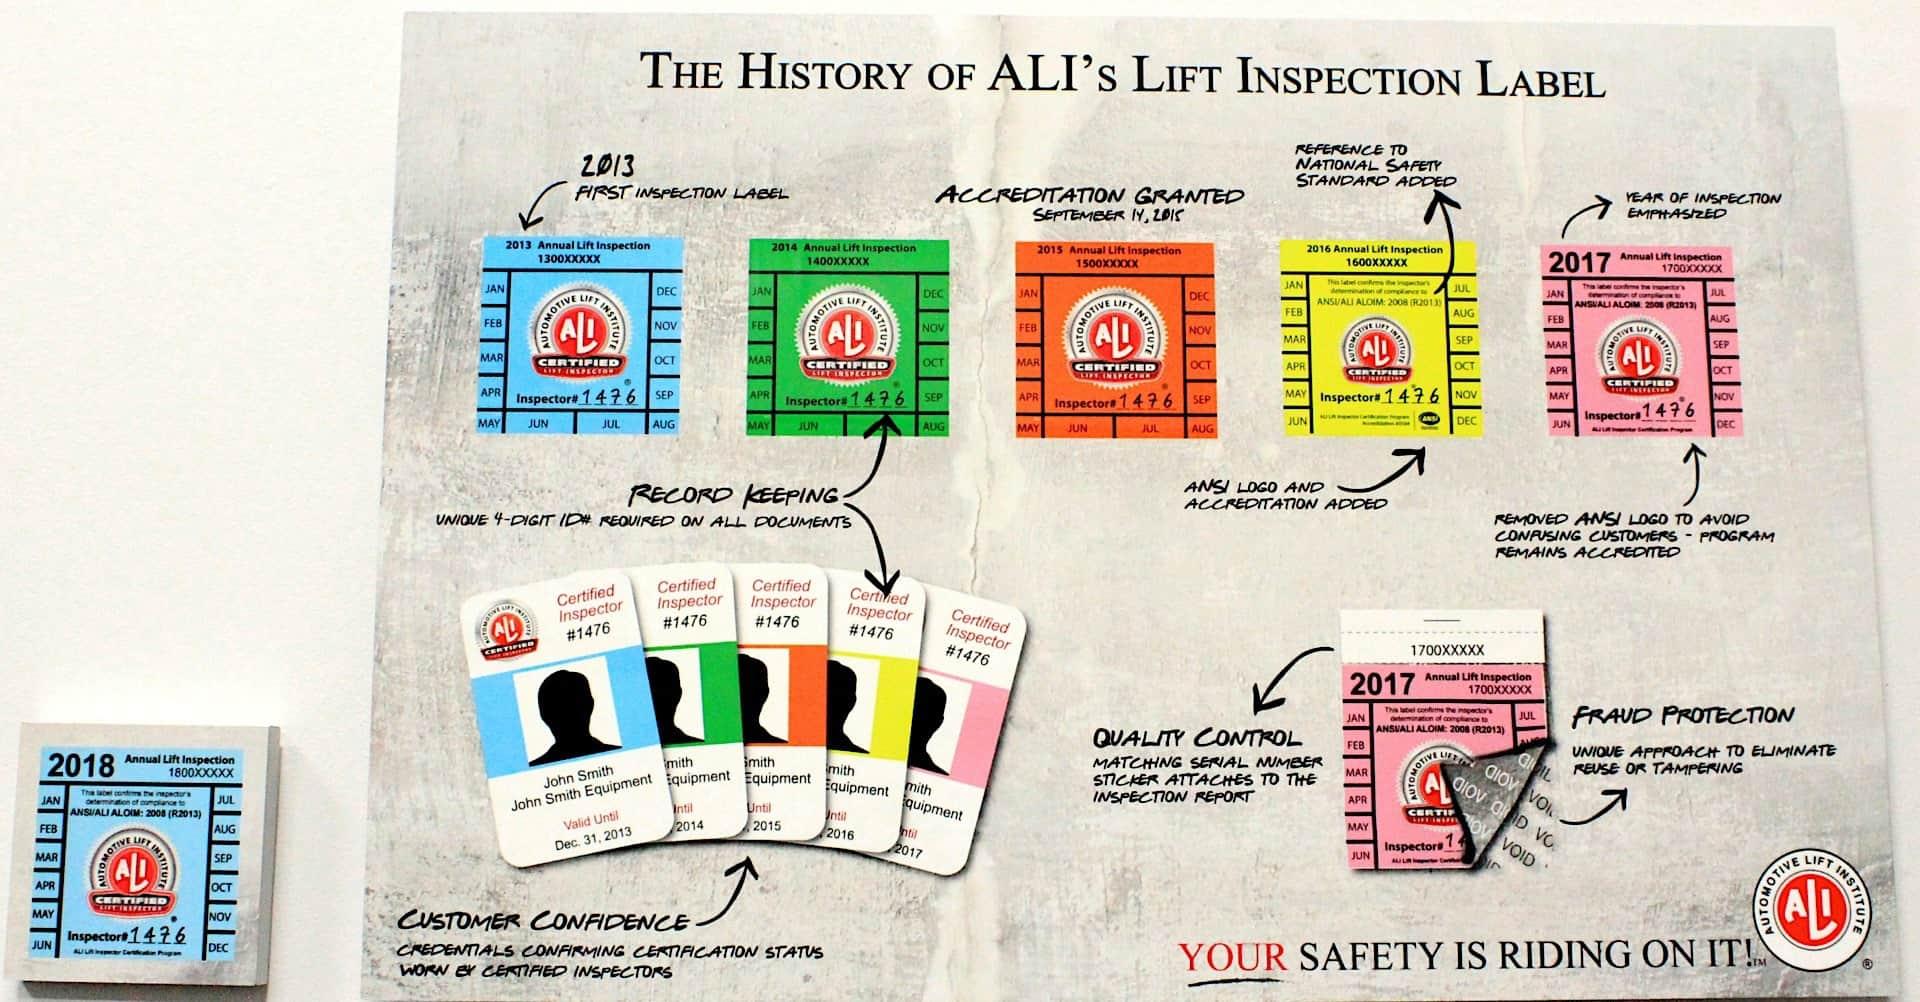 Legitimate inspection badges